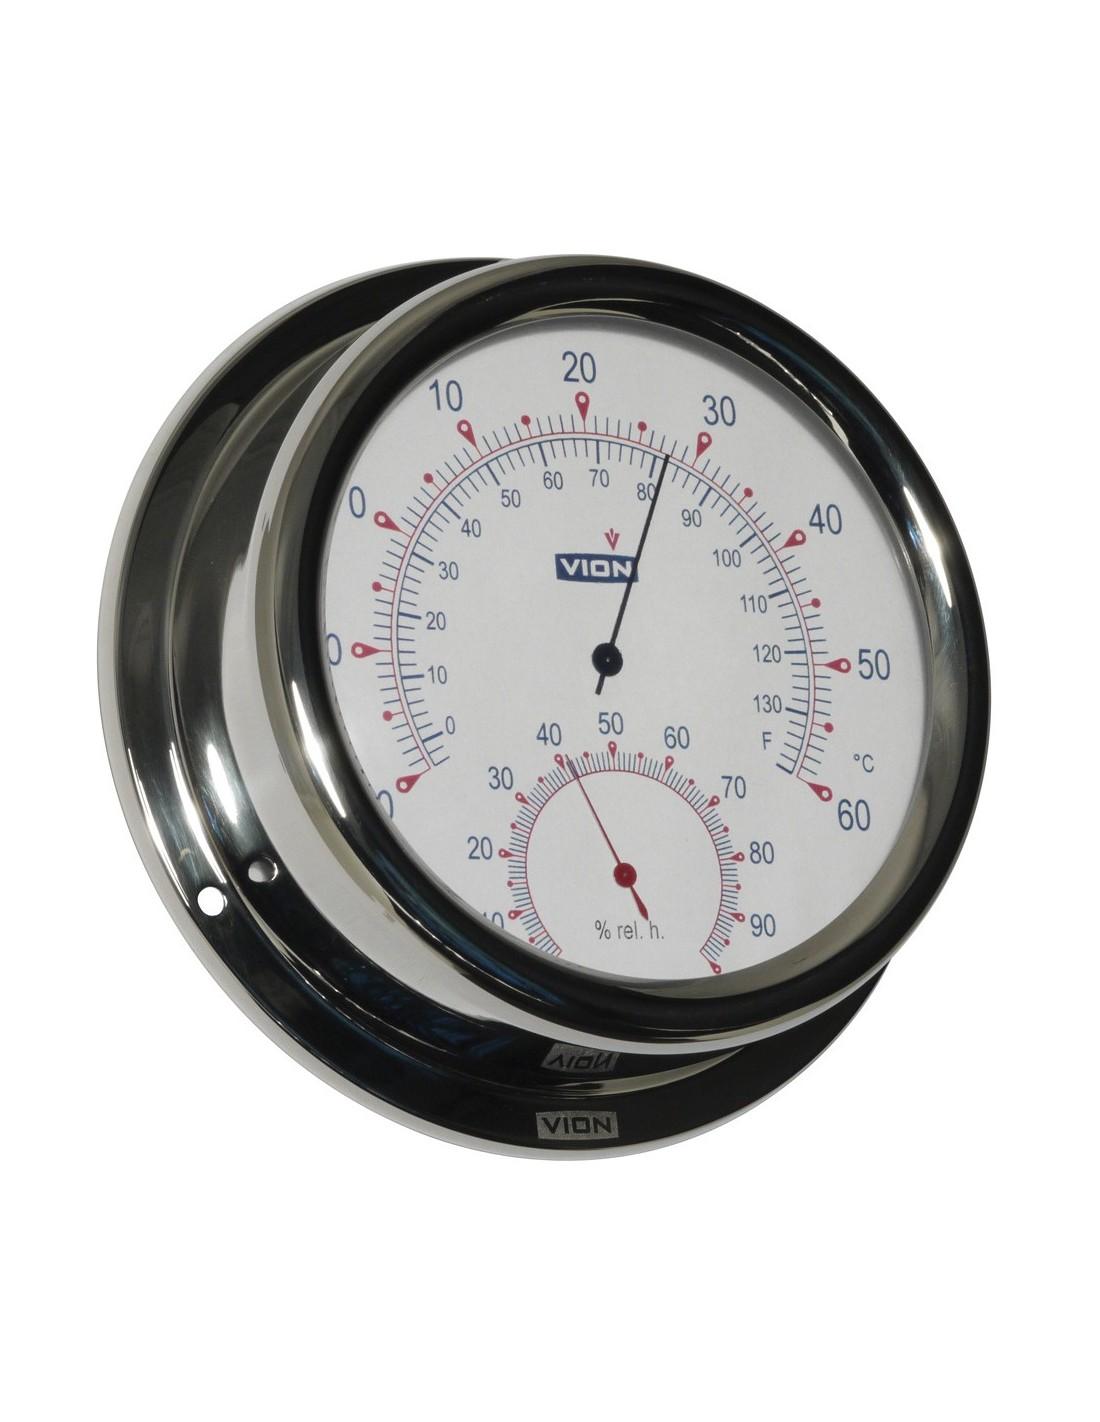 Thermometer / Hygrometer - Glanzend RVS - 150 mm - VION - Scheepsinstrumenten - A130 TH